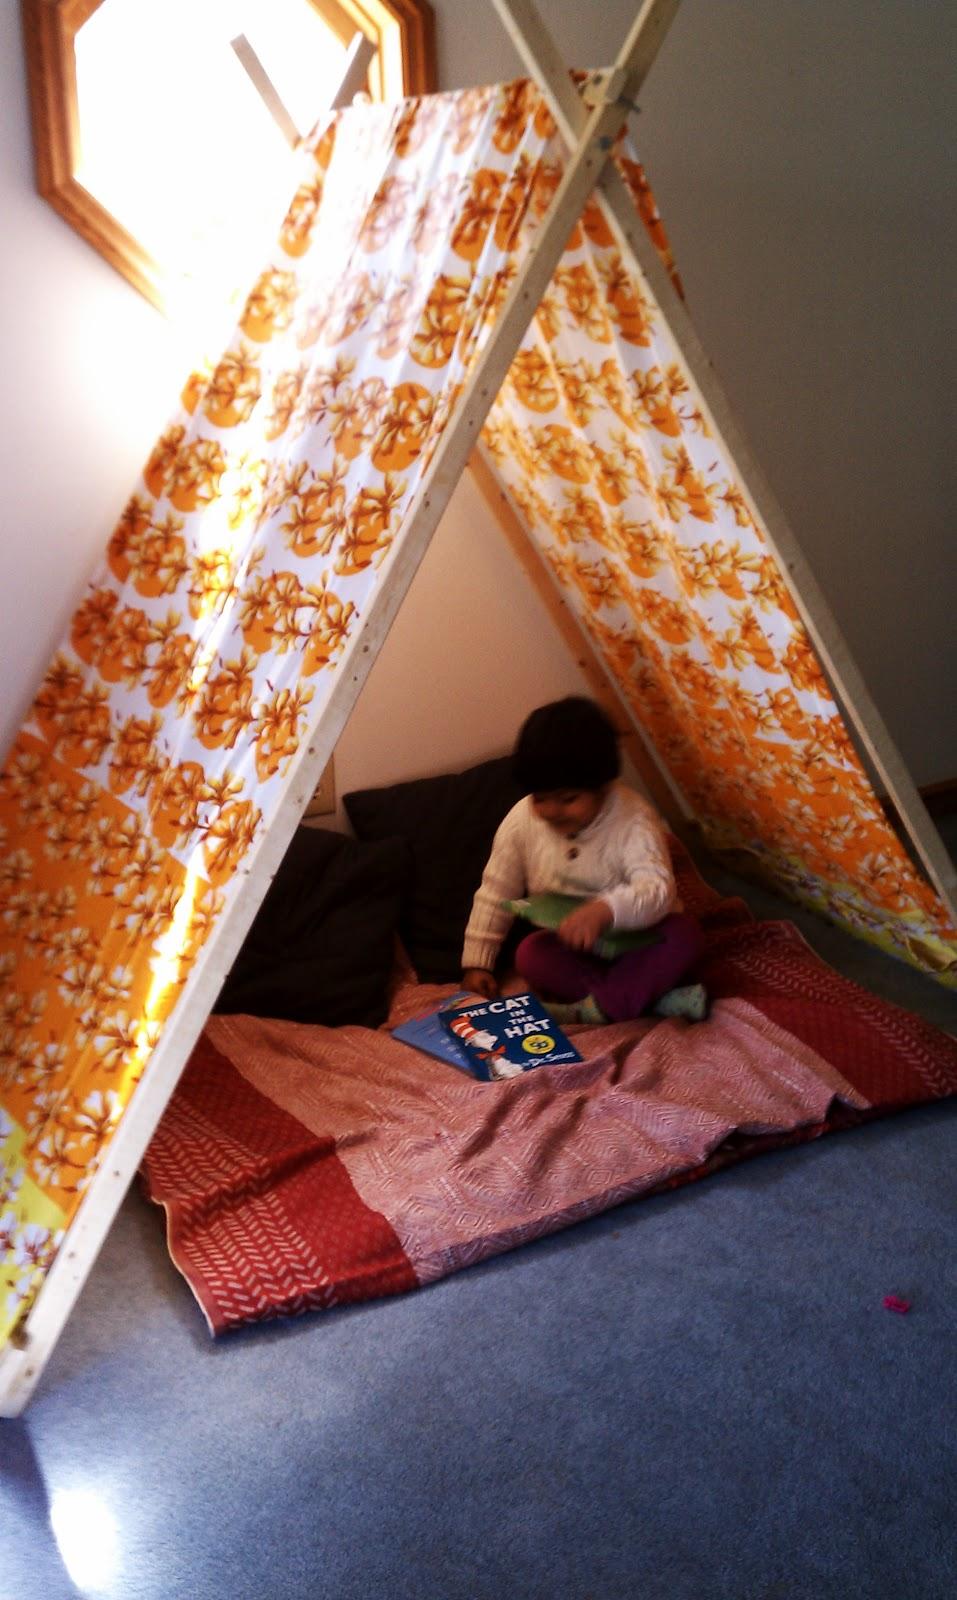 Desikalakar Reading Nook Tent